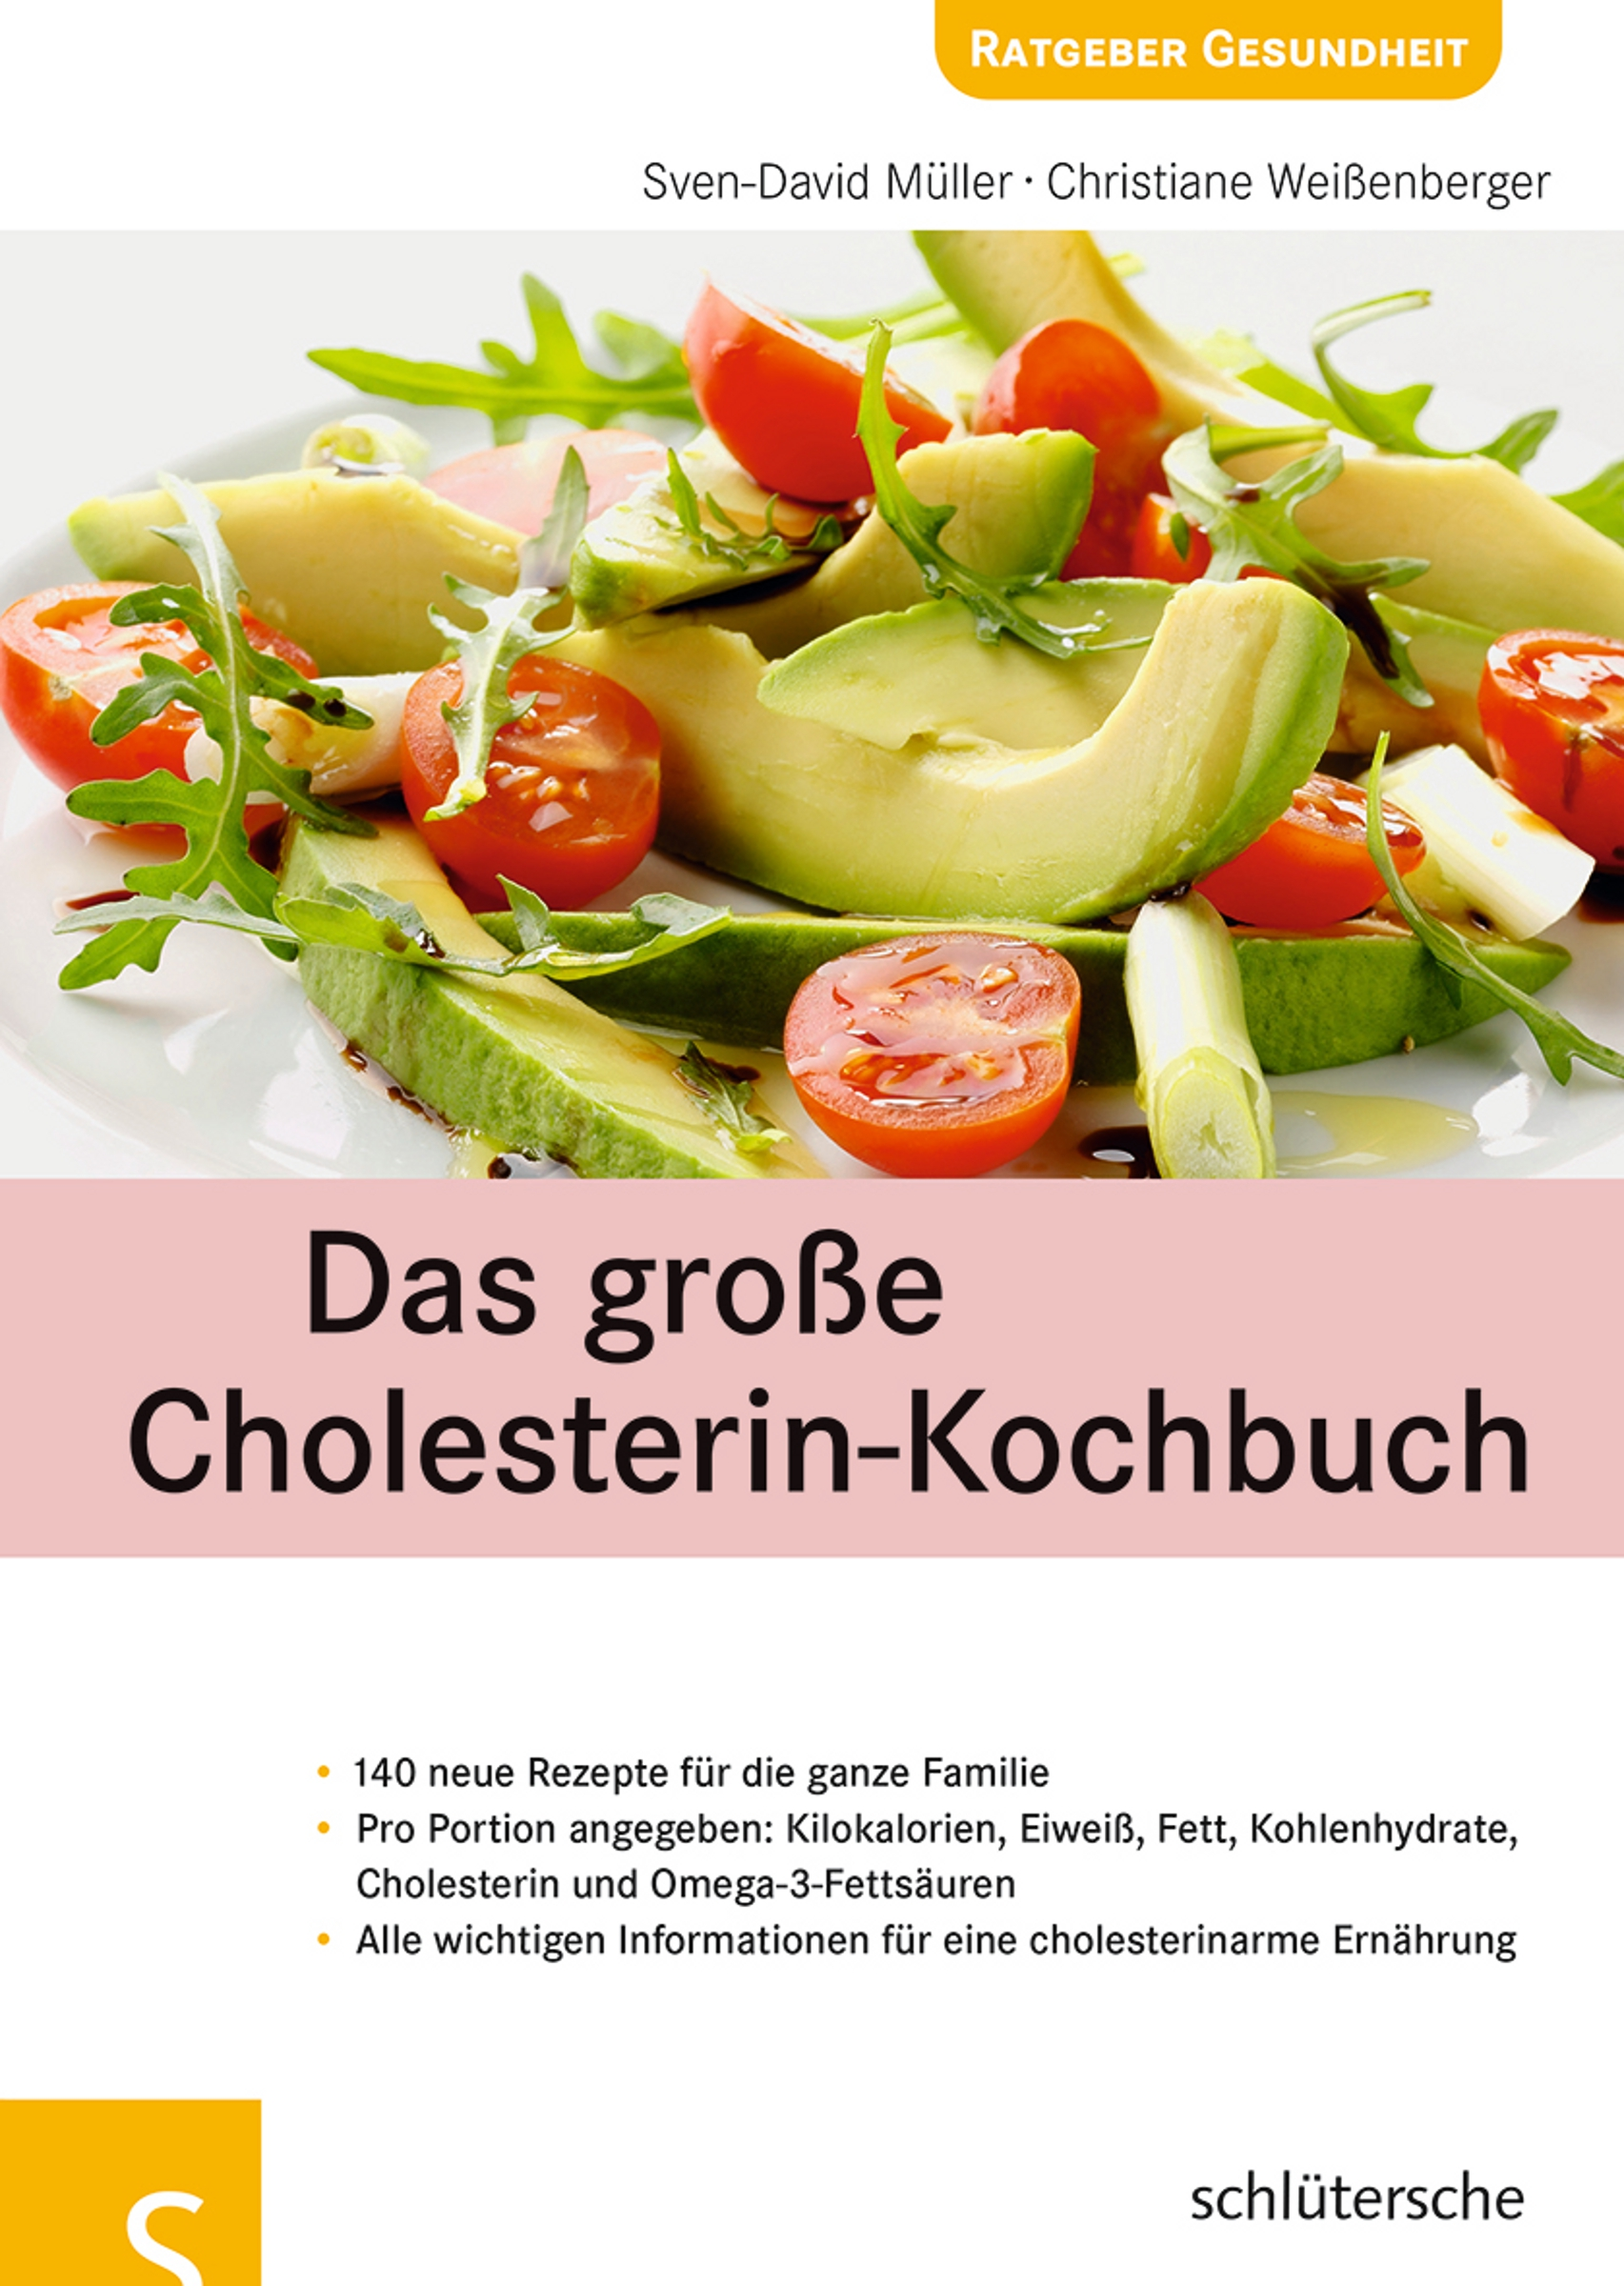 Das große Cholesterin- Kochbuch